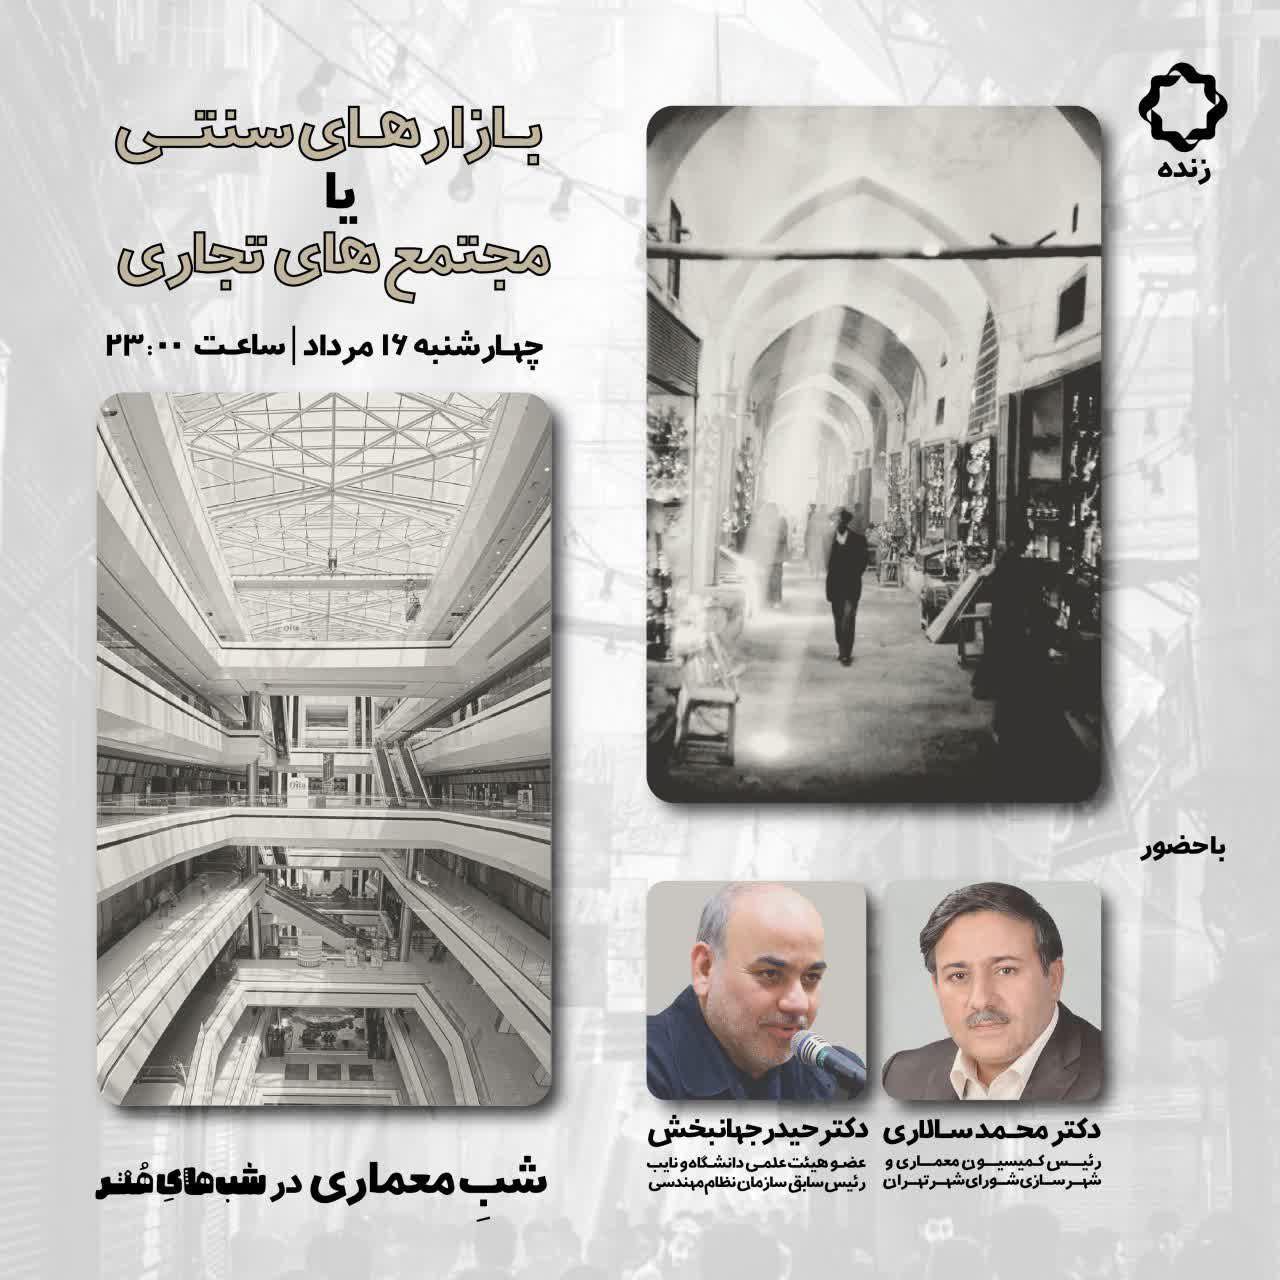 """""""بازارهای سنتی یا مجتمعهای تجاری""""؛ سومین قسمت از سری برنامه تلویزیونی «شب معماری»"""